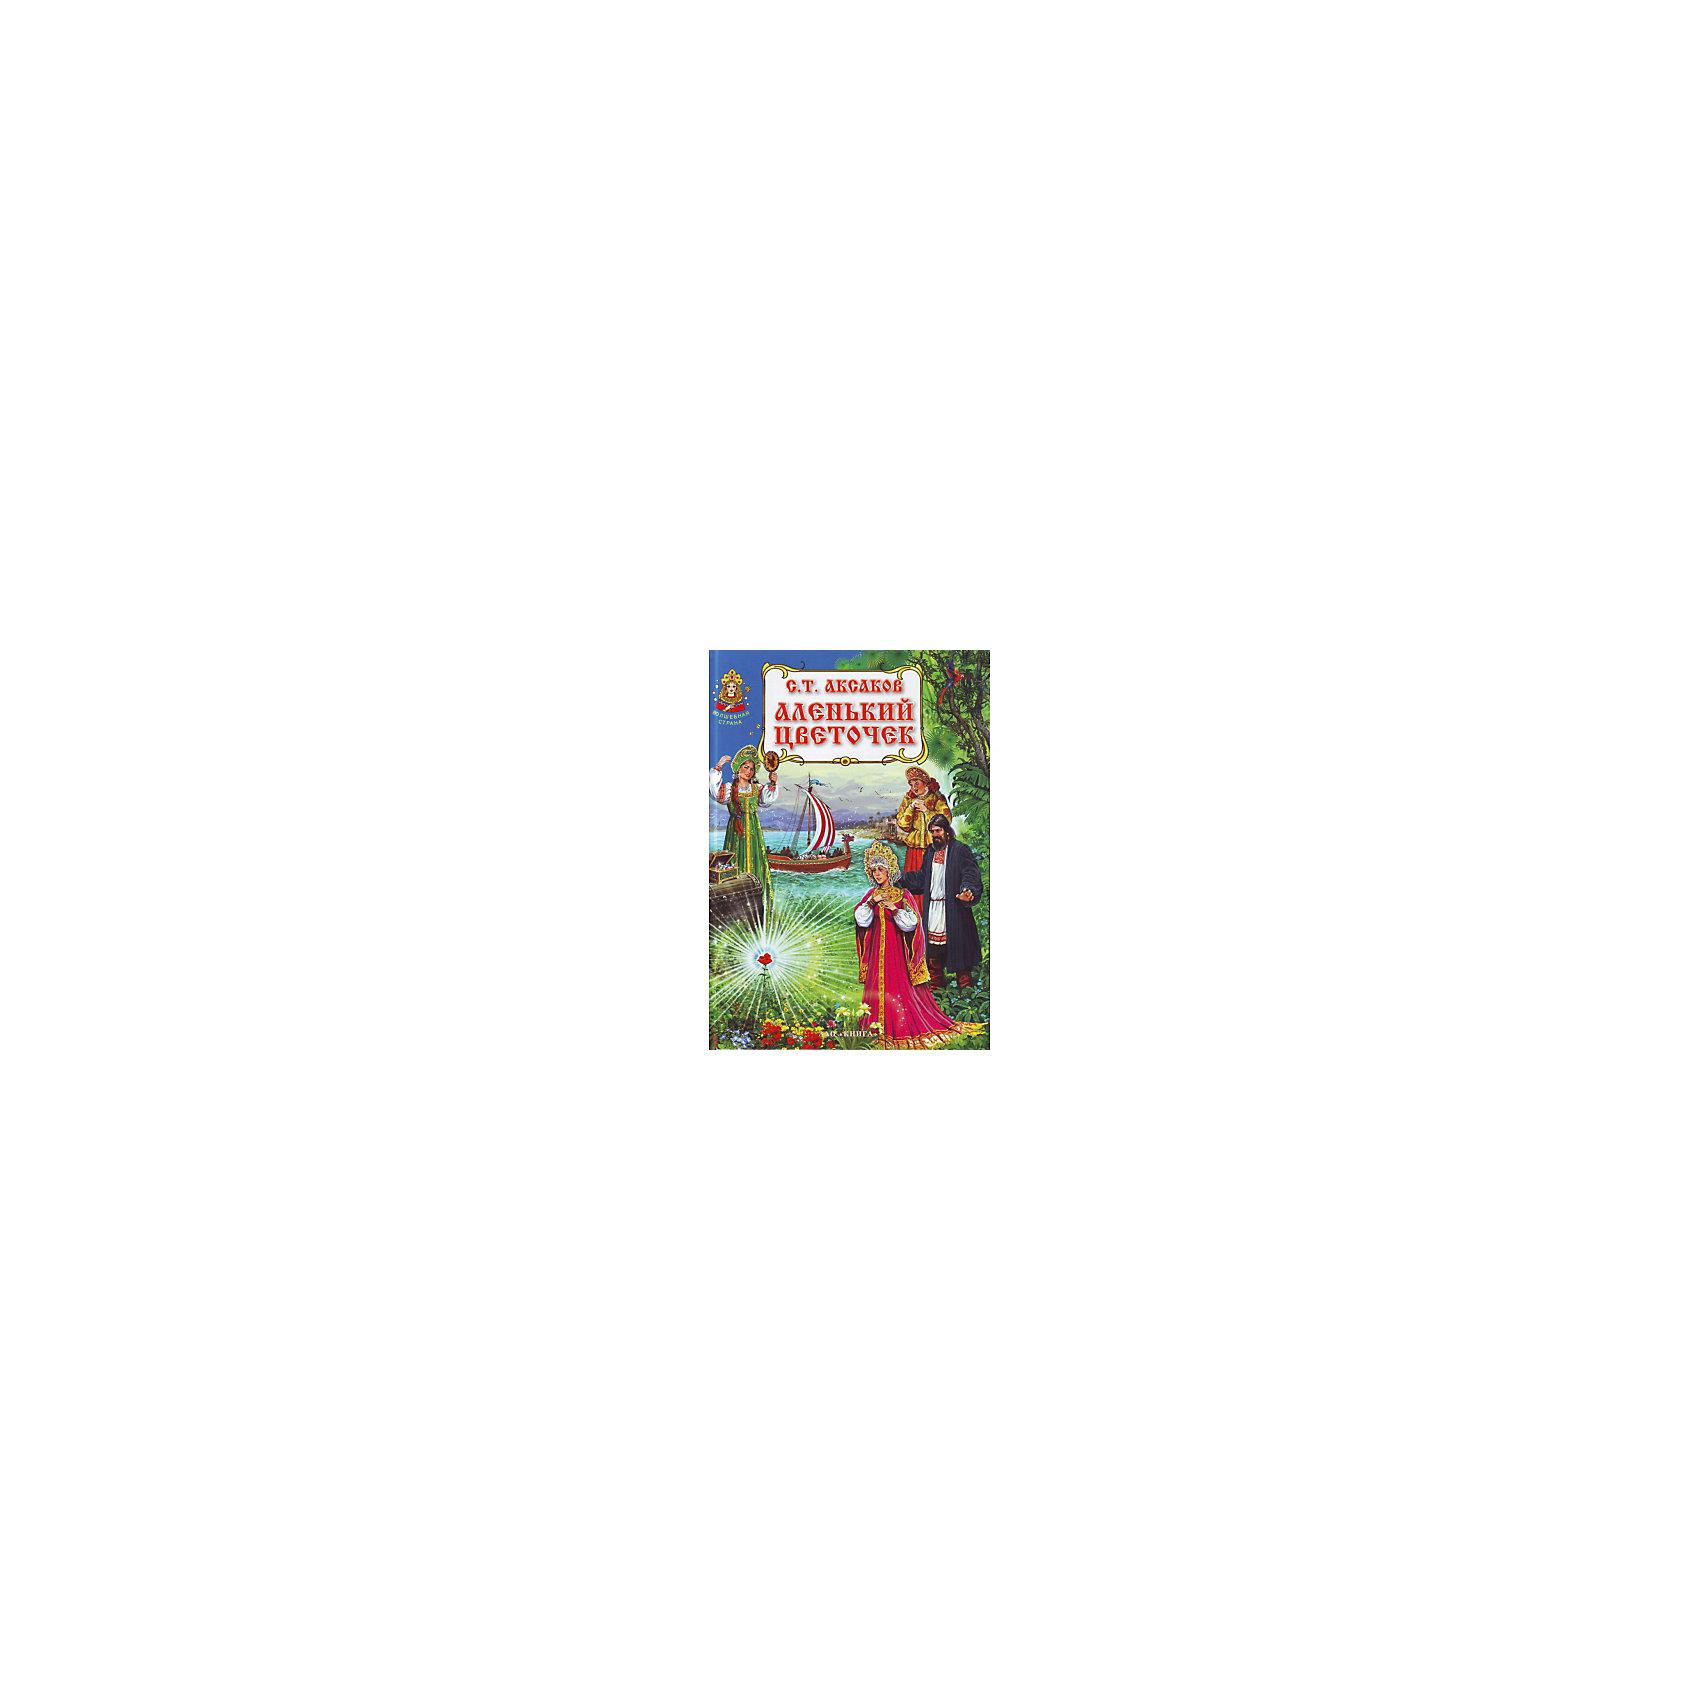 Аленький цветочек, С. АксаковРусские сказки<br>Прекрасно иллюстрированная сказка Сергея Аксакова Аленький цветочек. <br>Для младшего школьного возраста.<br><br>Ширина мм: 245<br>Глубина мм: 170<br>Высота мм: 100<br>Вес г: 500<br>Возраст от месяцев: 36<br>Возраст до месяцев: 2147483647<br>Пол: Унисекс<br>Возраст: Детский<br>SKU: 5521197